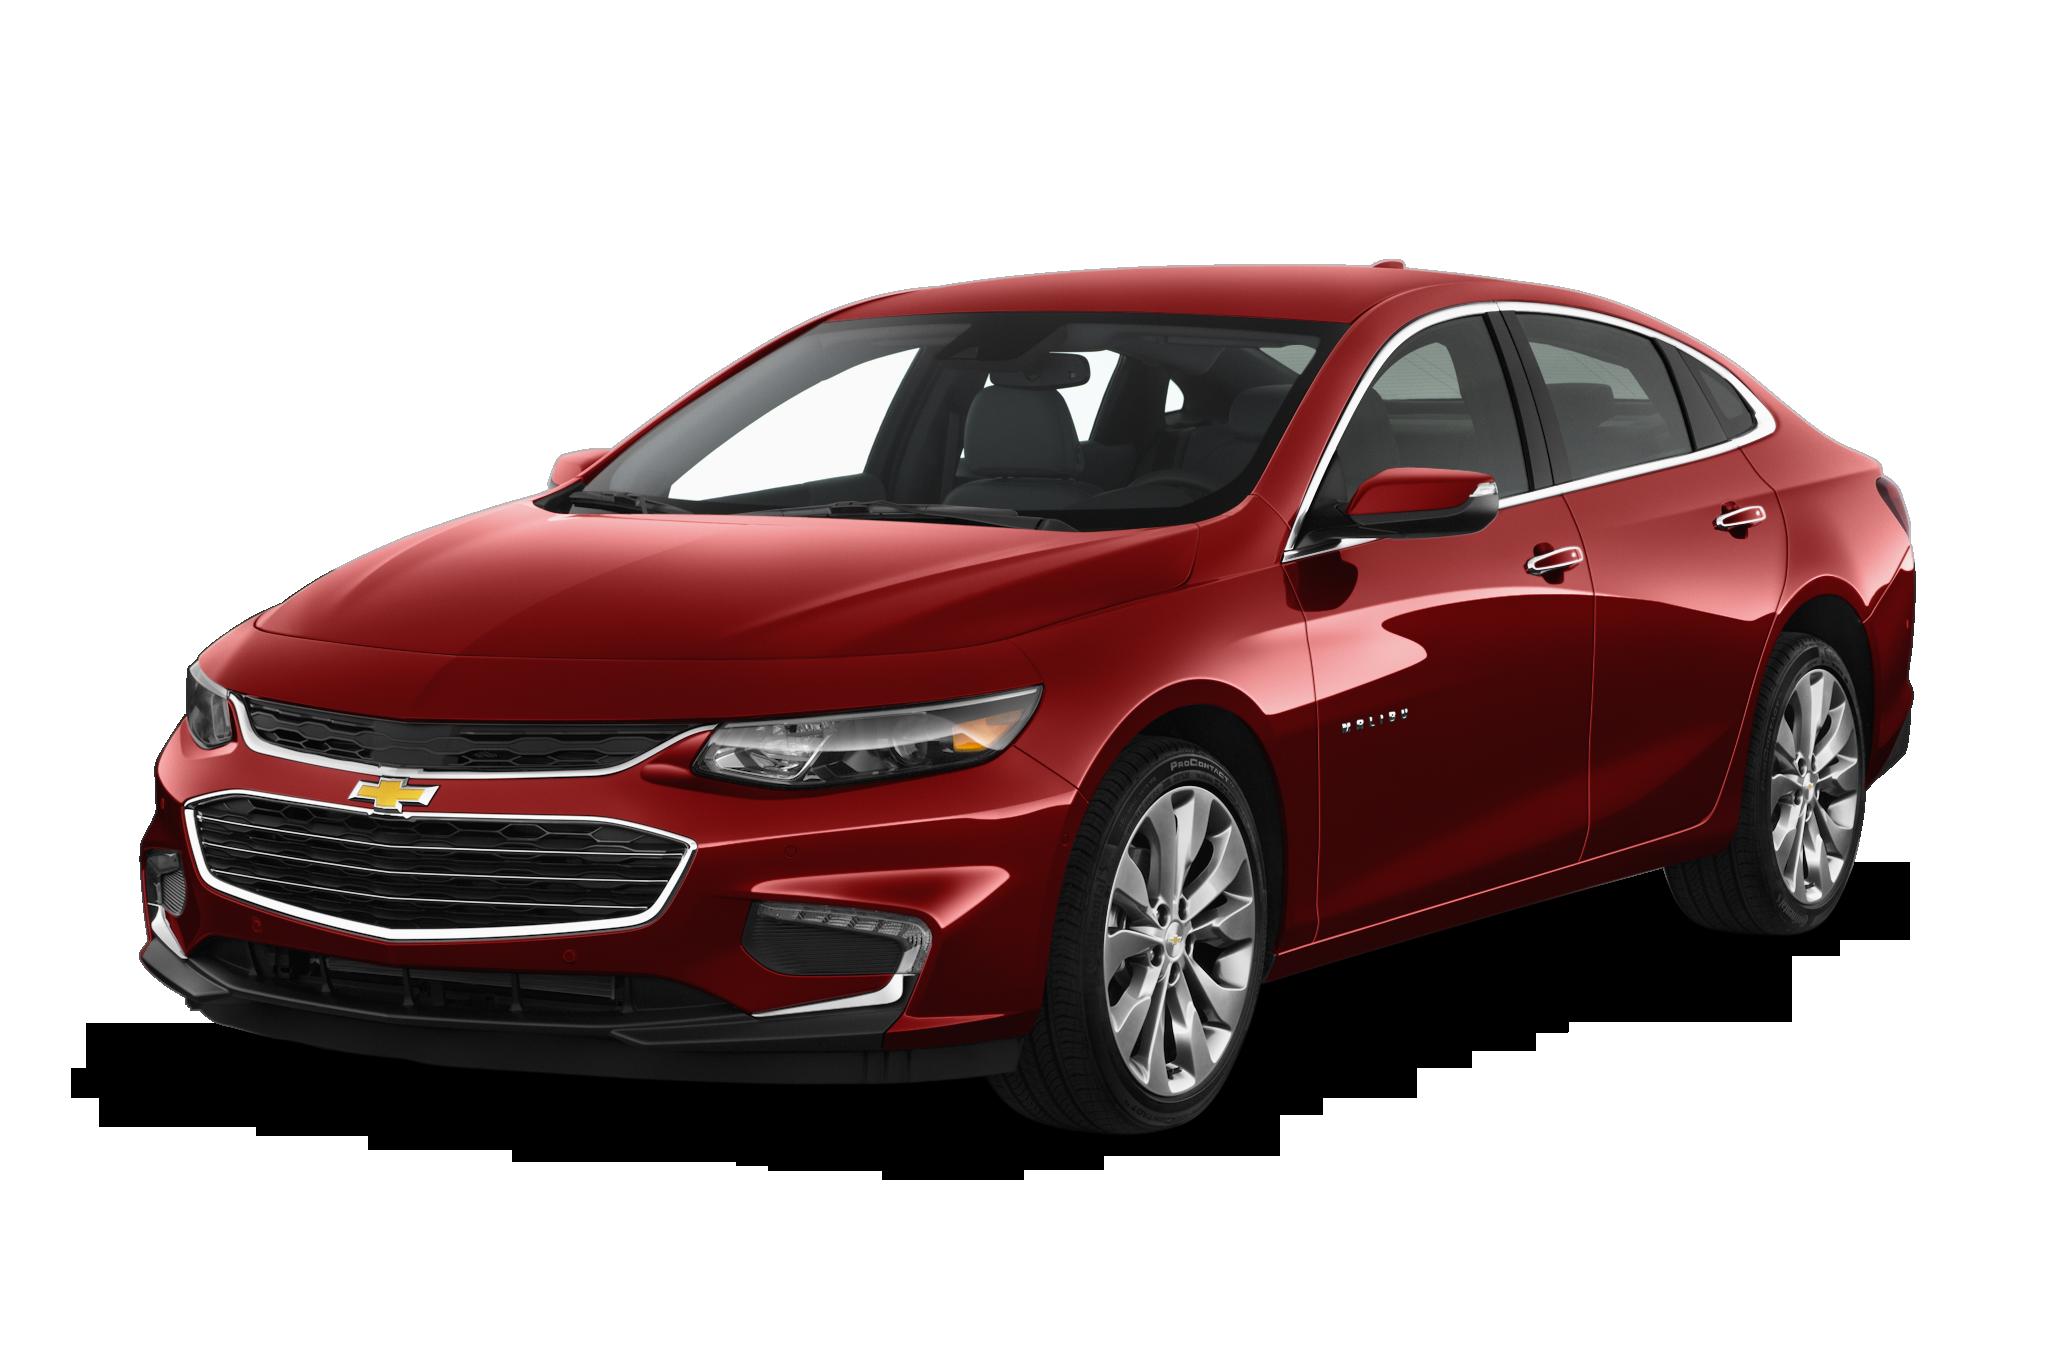 2016 Chevrolet Malibu Hybrid Returns 46 MPG | Automobile ...